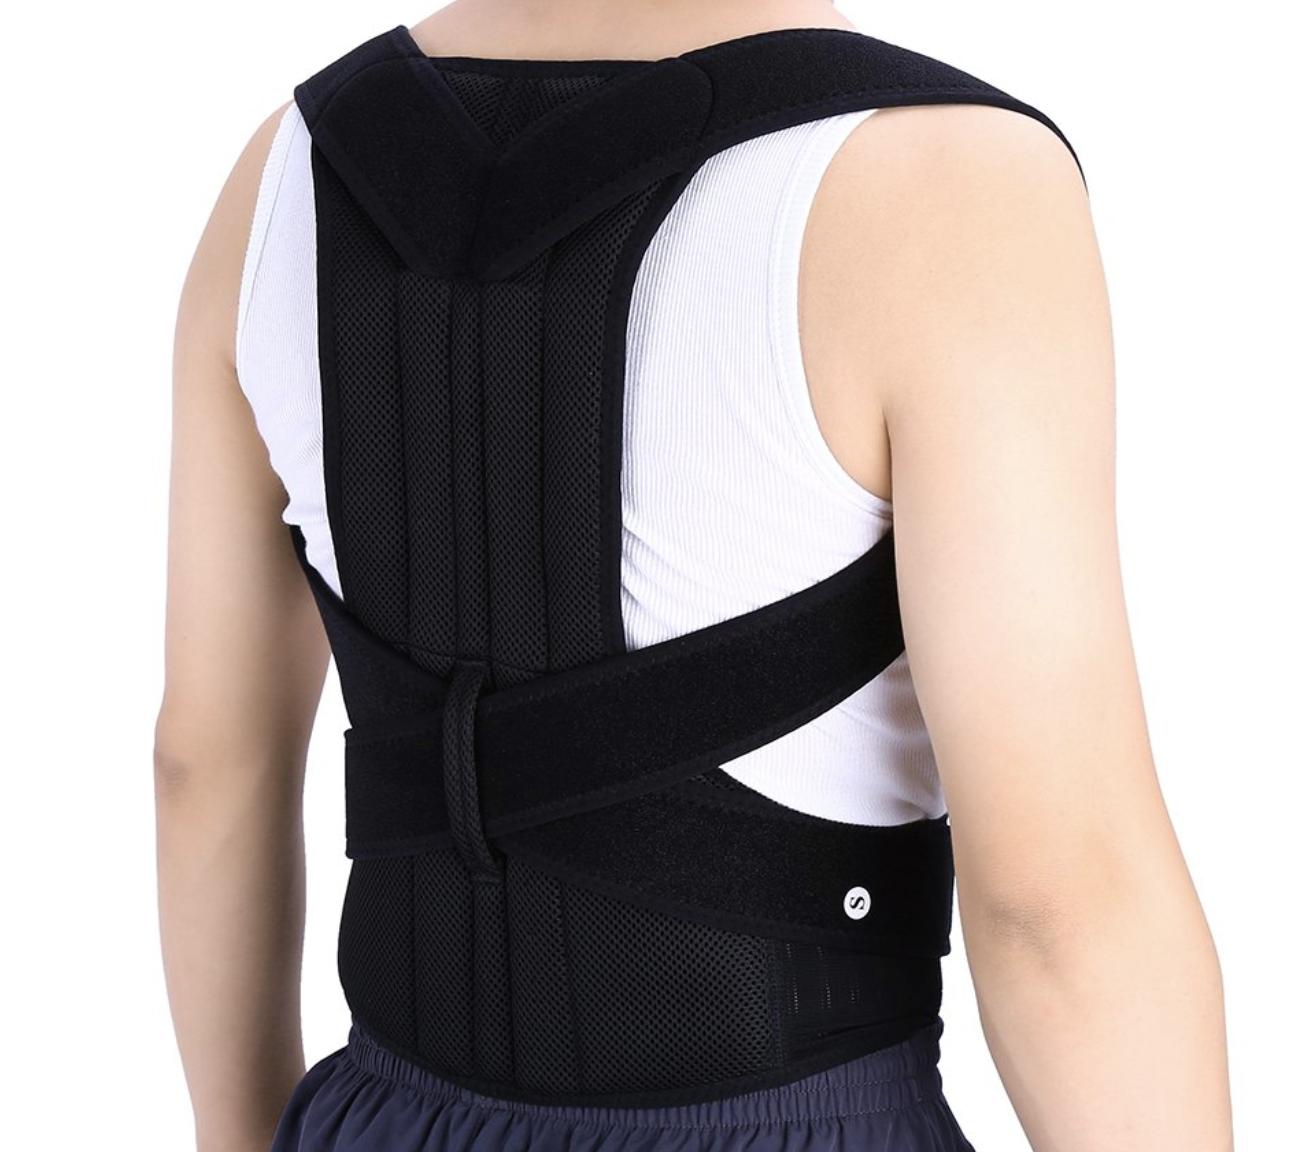 Schulterstütze zur Haltungskorrektur in verschiedenen Größen je nur 8,99 Euro inkl. Prime-Versand